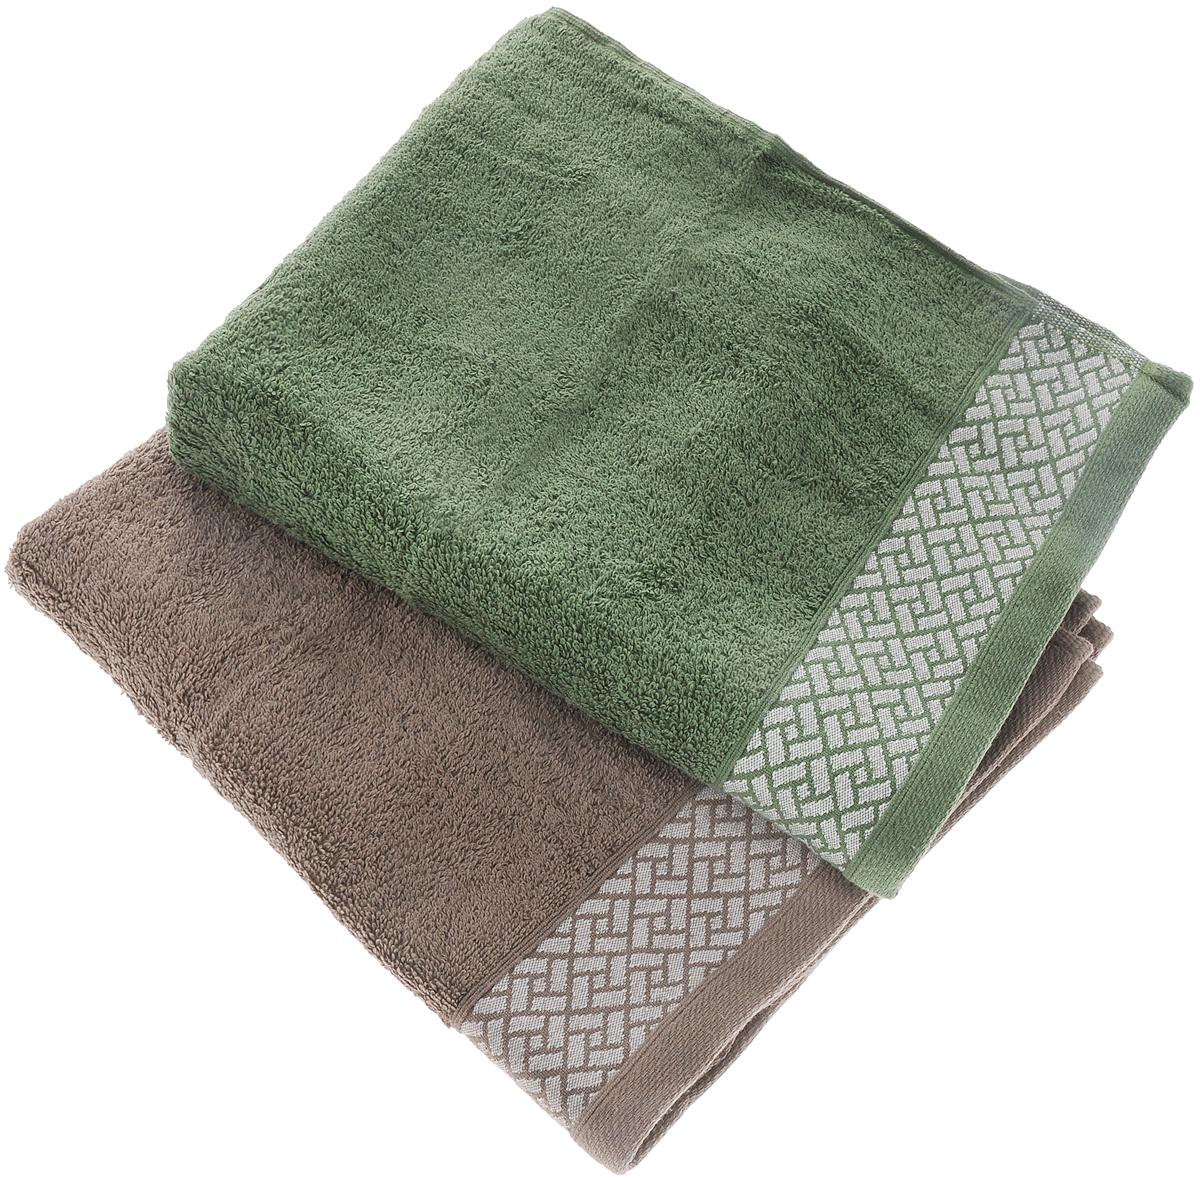 Набор полотенец Tete-a-tete Лабиринт, цвет: кофе, зеленый, 50 х 90 см, 2 штУП-109-05-2кНабор Tete-a-tete Лабиринт состоит из двух махровых полотенец, выполненных из натурального 100% хлопка. Бордюр полотенец декорирован геометрическим узором. Изделия мягкие, отлично впитывают влагу, быстро сохнут, сохраняют яркость цвета и не теряют форму даже после многократных стирок. Полотенца Tete-a-tete Лабиринт очень практичны и неприхотливы в уходе. Они легко впишутся в любой интерьер благодаря своей нежной цветовой гамме. Набор упакован в красивую коробку и может послужить отличной идеей подарка. Размер полотенец: 50 х 90 см.